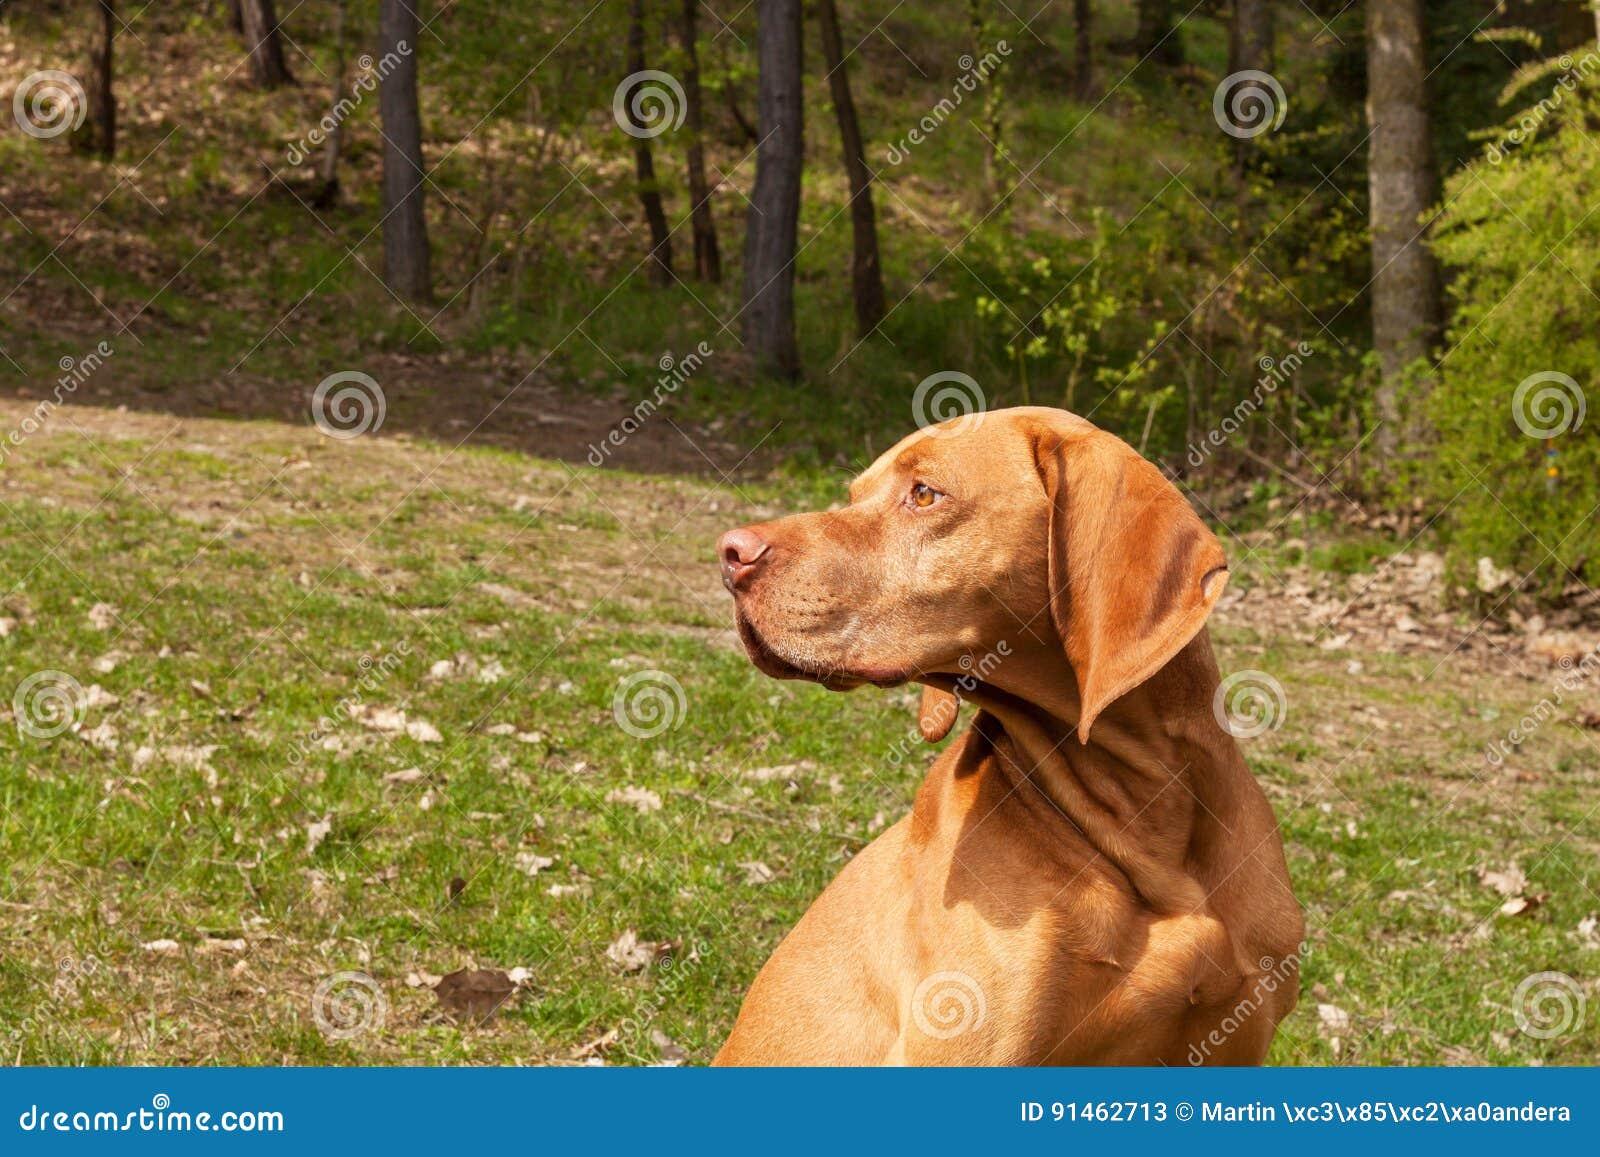 Ungarischer Zeiger Vizsla, schnüffelnd auf Jagd Verfolgen Sie einen loyalen Freund eines Jägers Sonderkommando des Hundekopfes